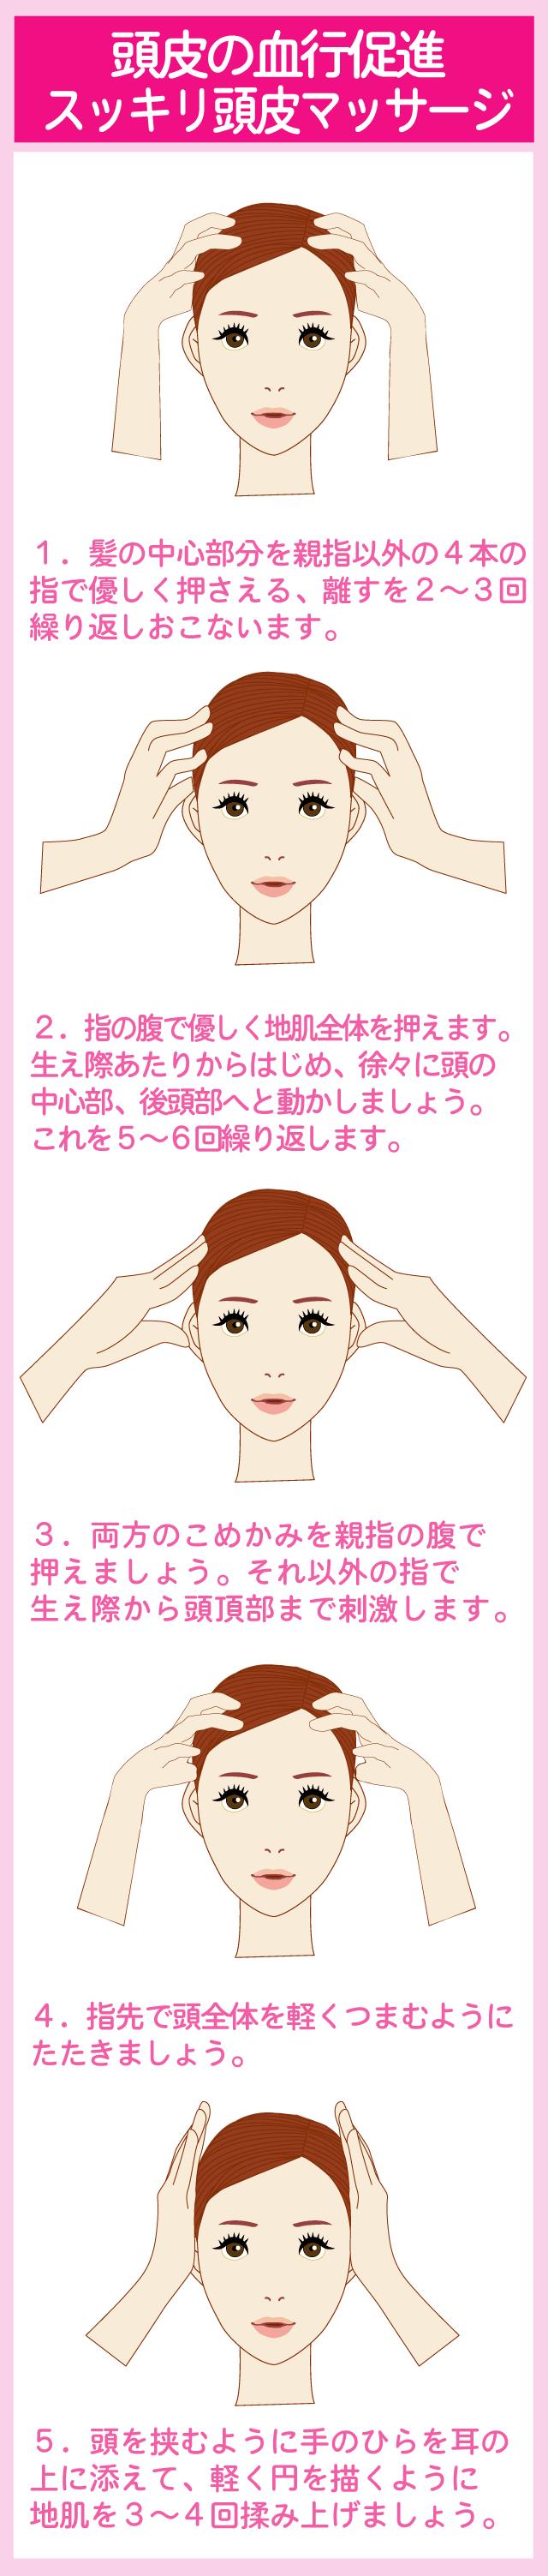 女性の薄毛にも効果的な頭皮のセルフスカルプマッサージ